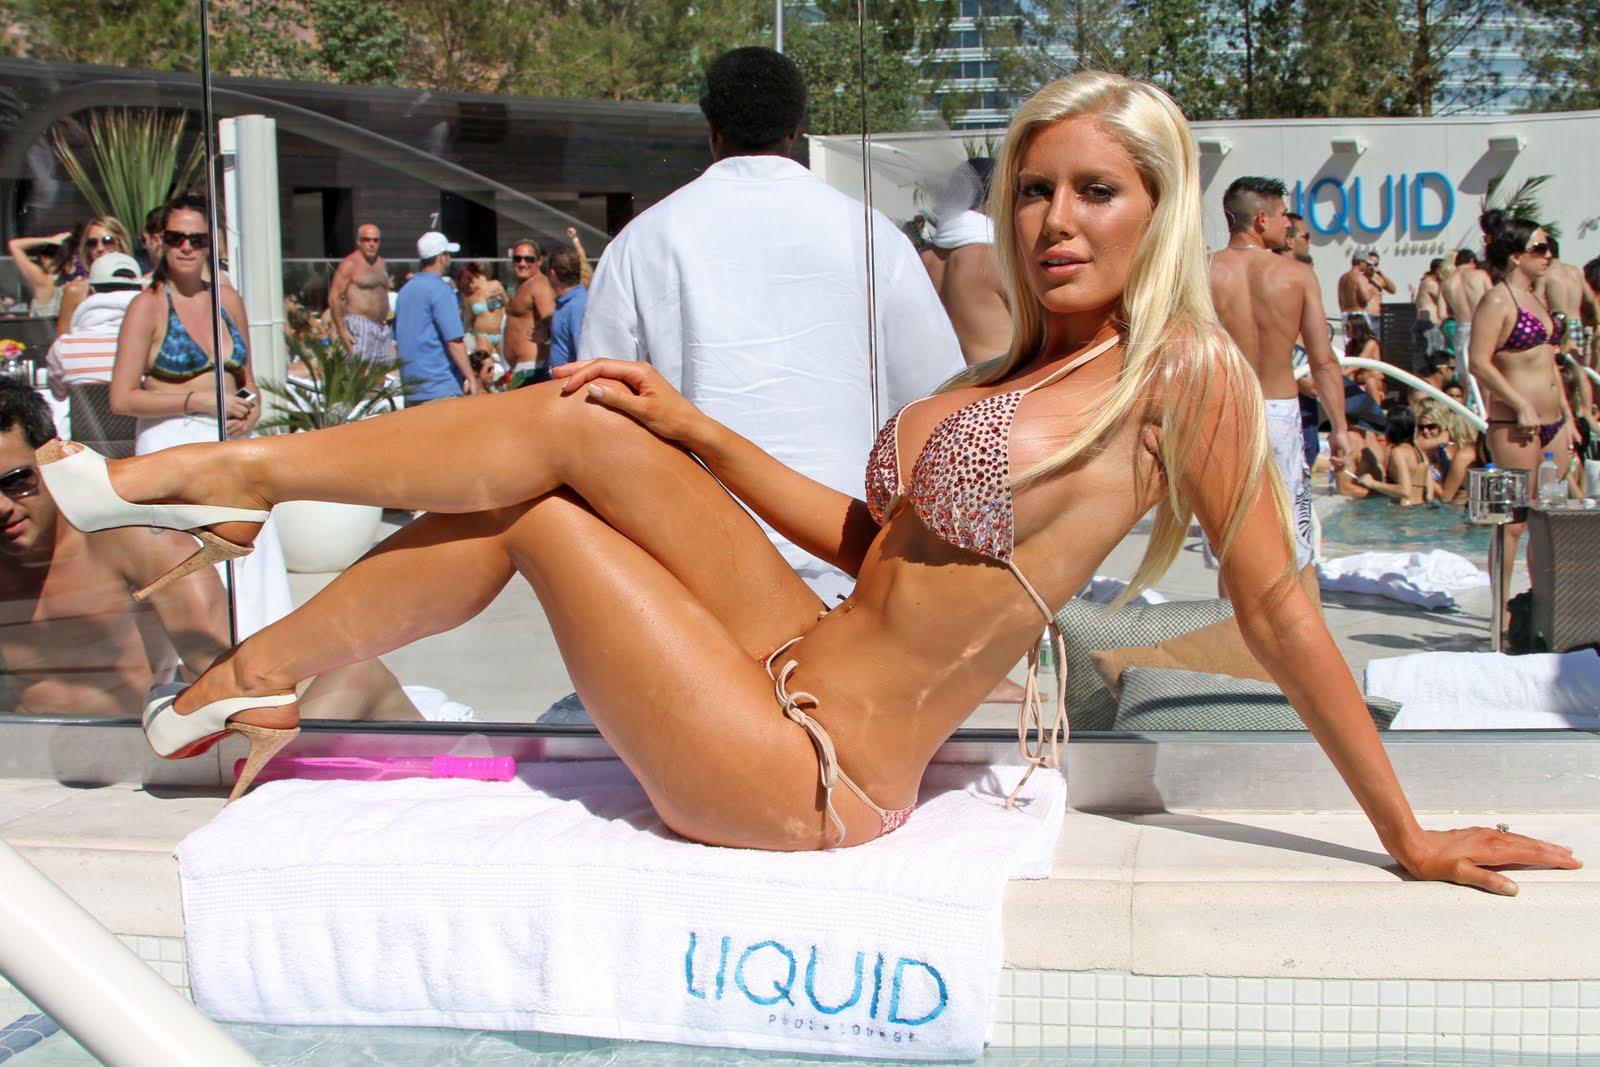 Beautiful nude girl in america